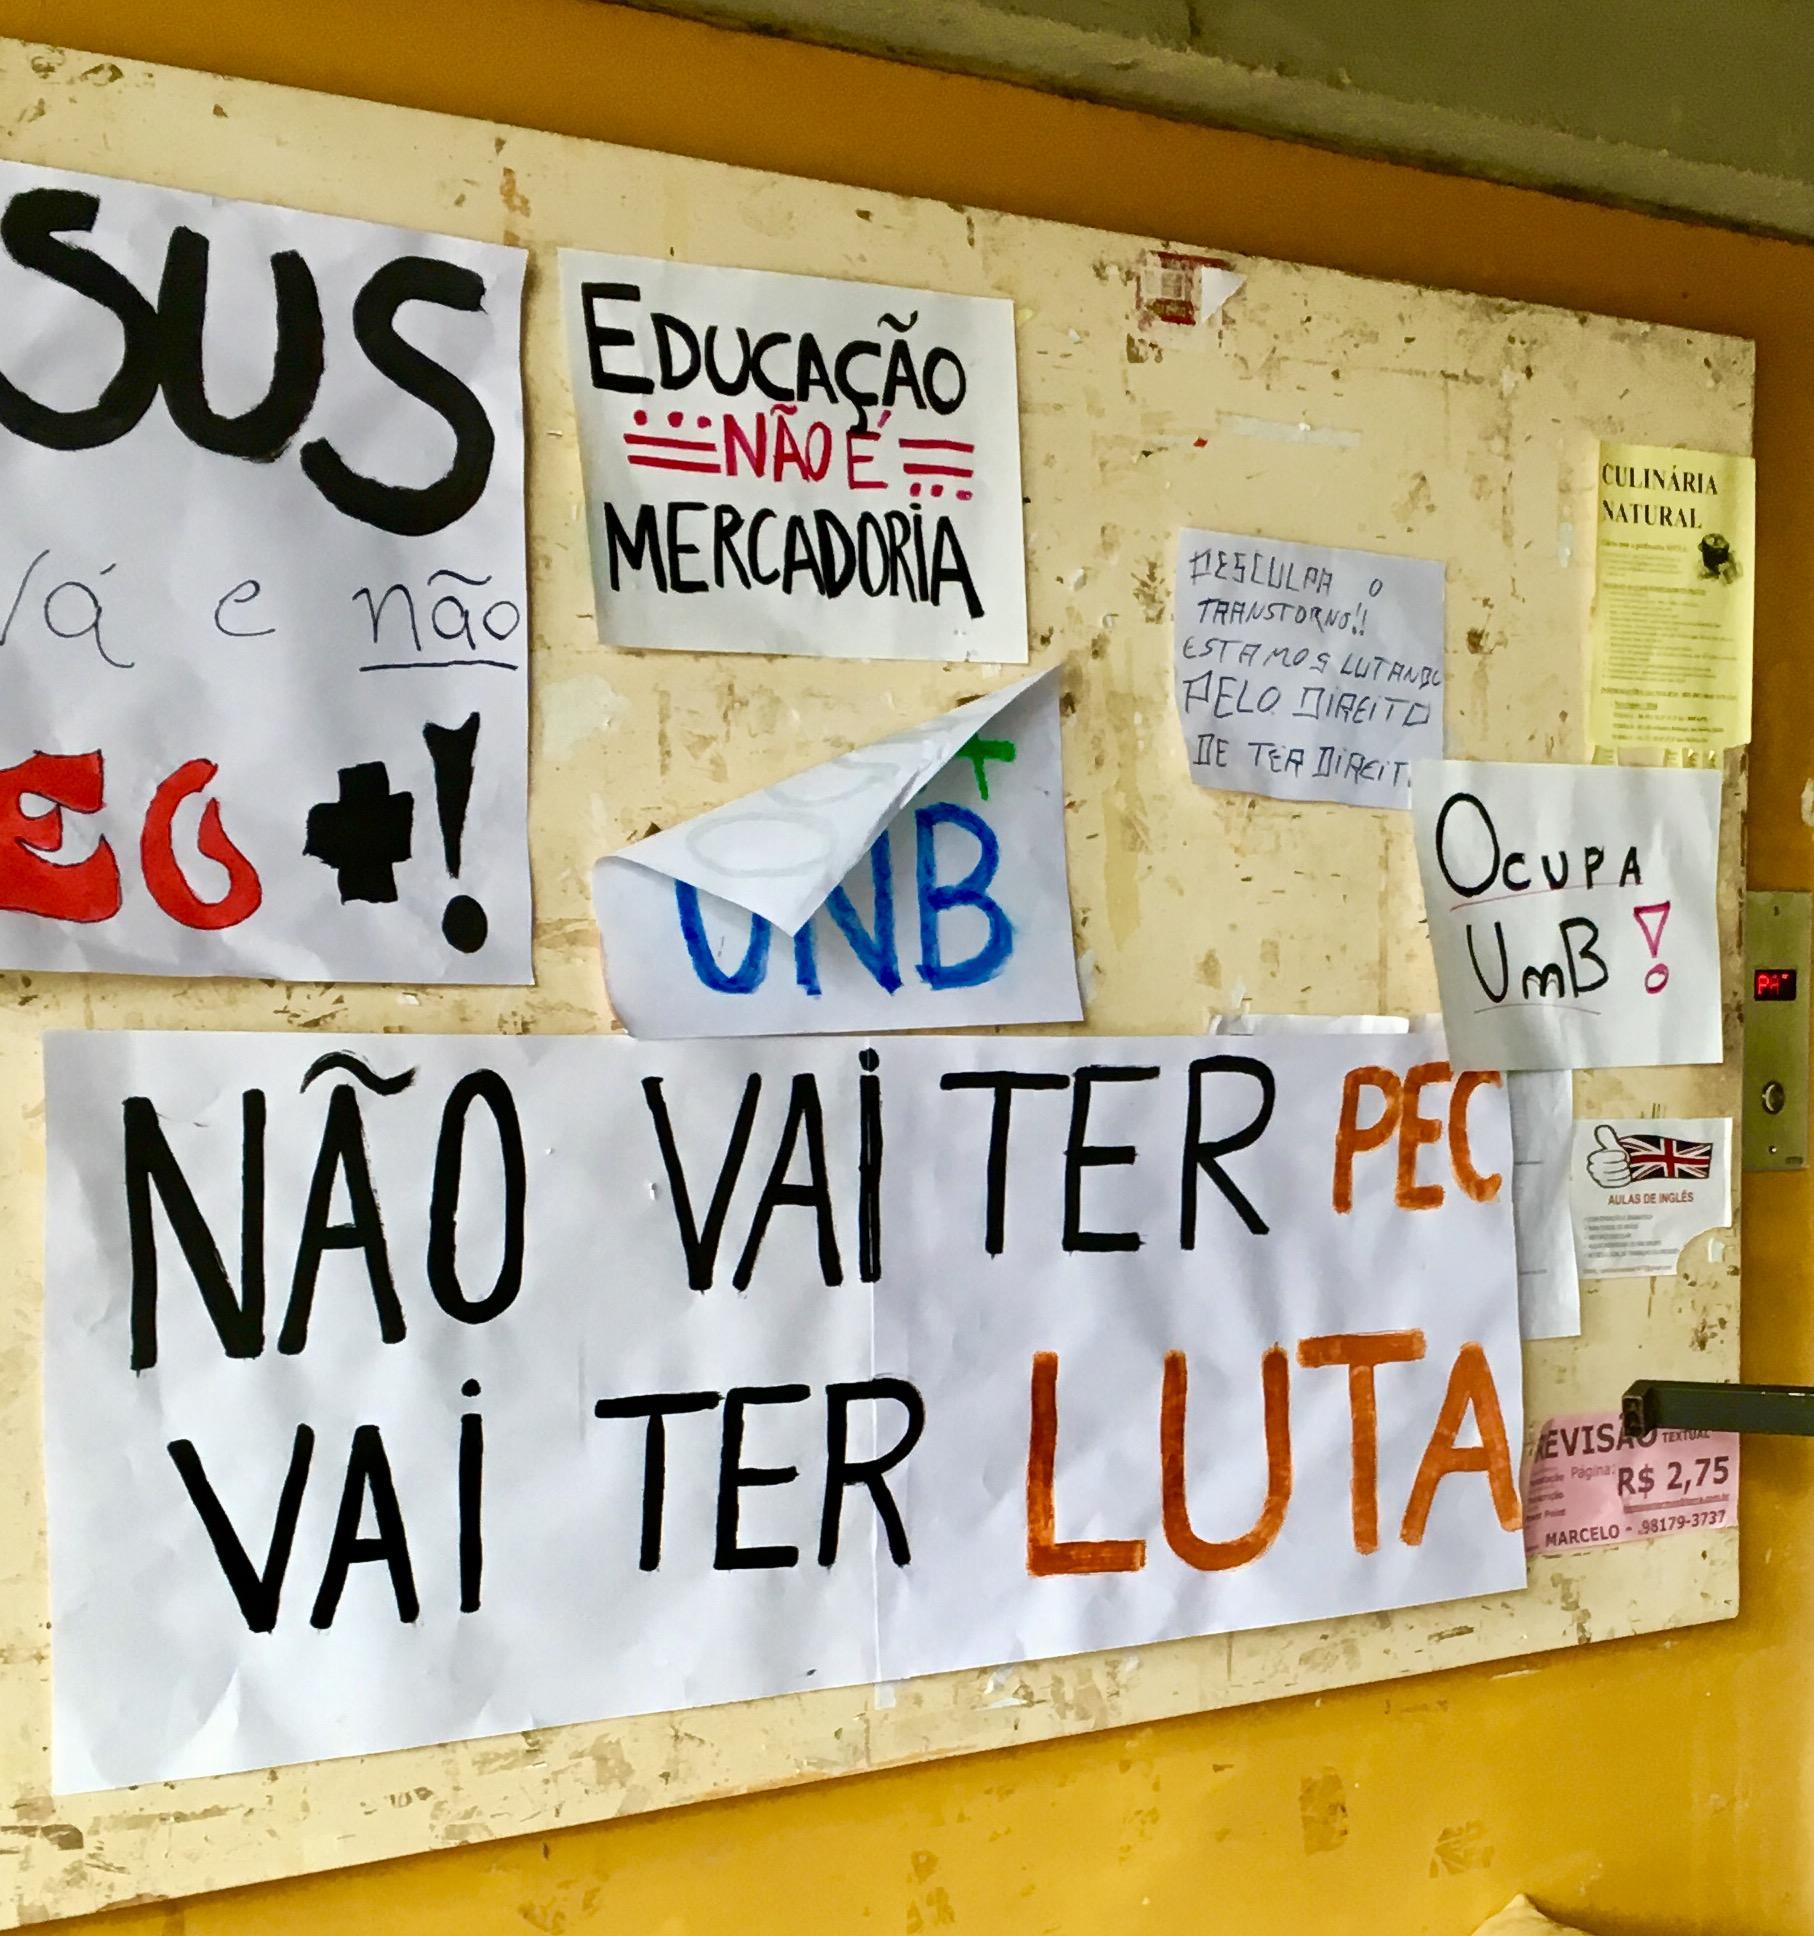 Ocupação da reitoria da Universidade de Brasília. Foto: Serviço Público pela Democracia